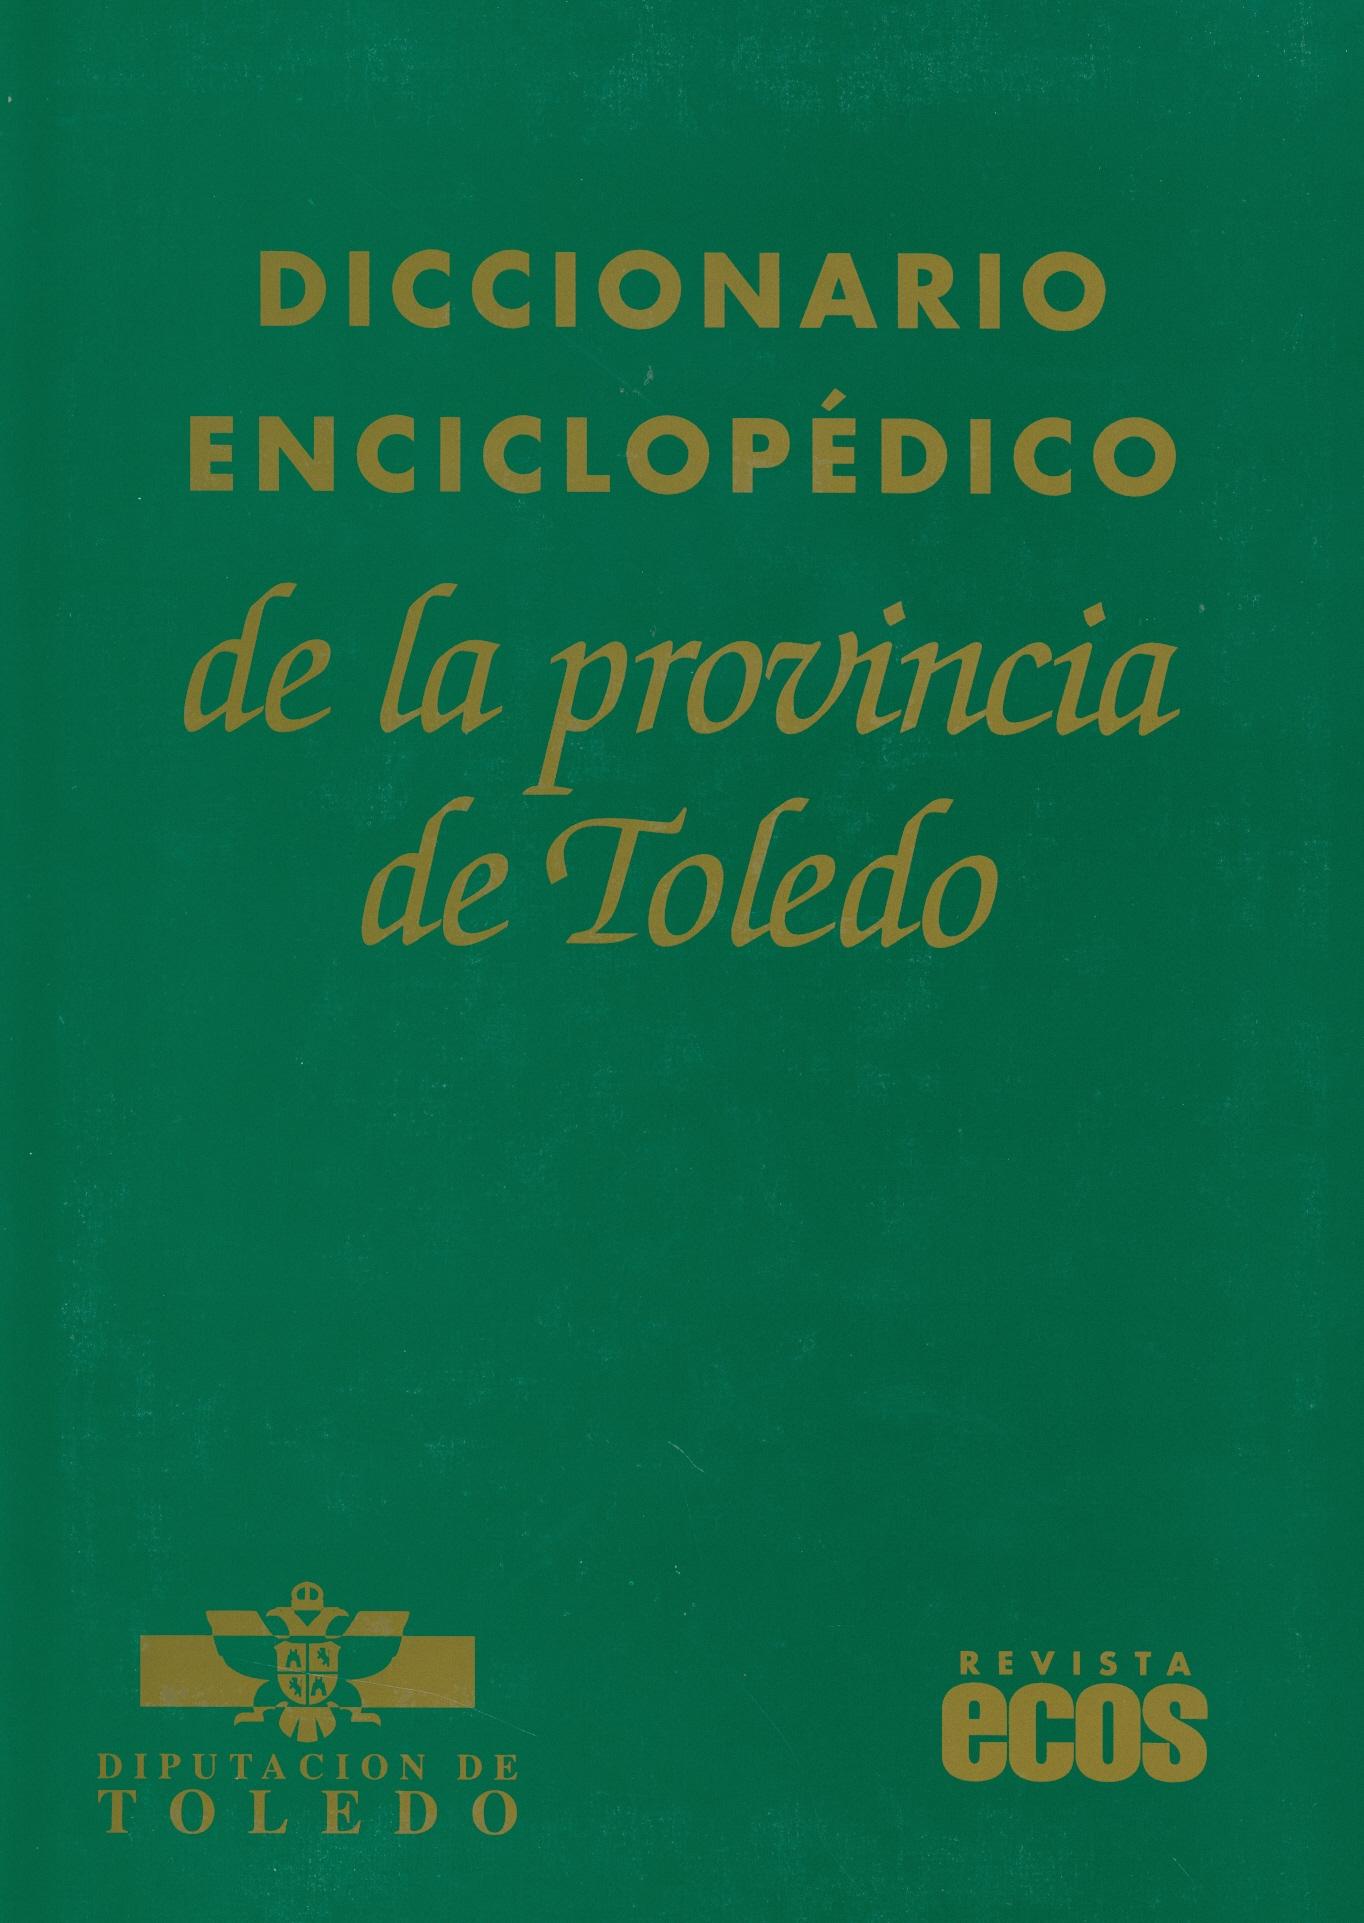 Diccionario enciclopédico de la provincia de Toledo